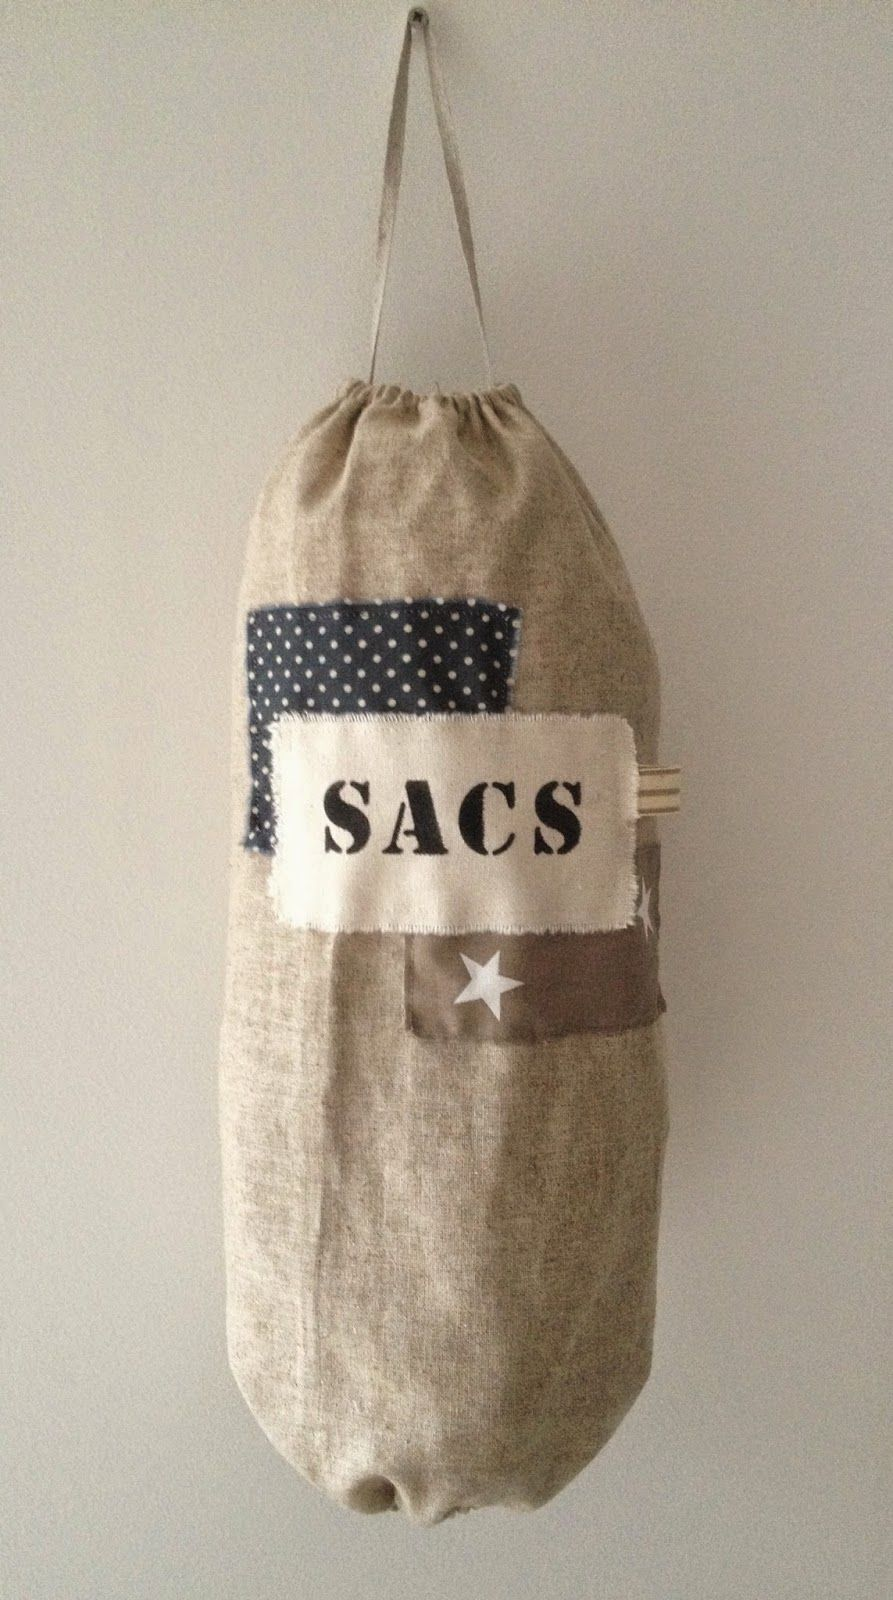 au fil de l 39 r sac en lin avec applique en coton et inscription a pinterest. Black Bedroom Furniture Sets. Home Design Ideas